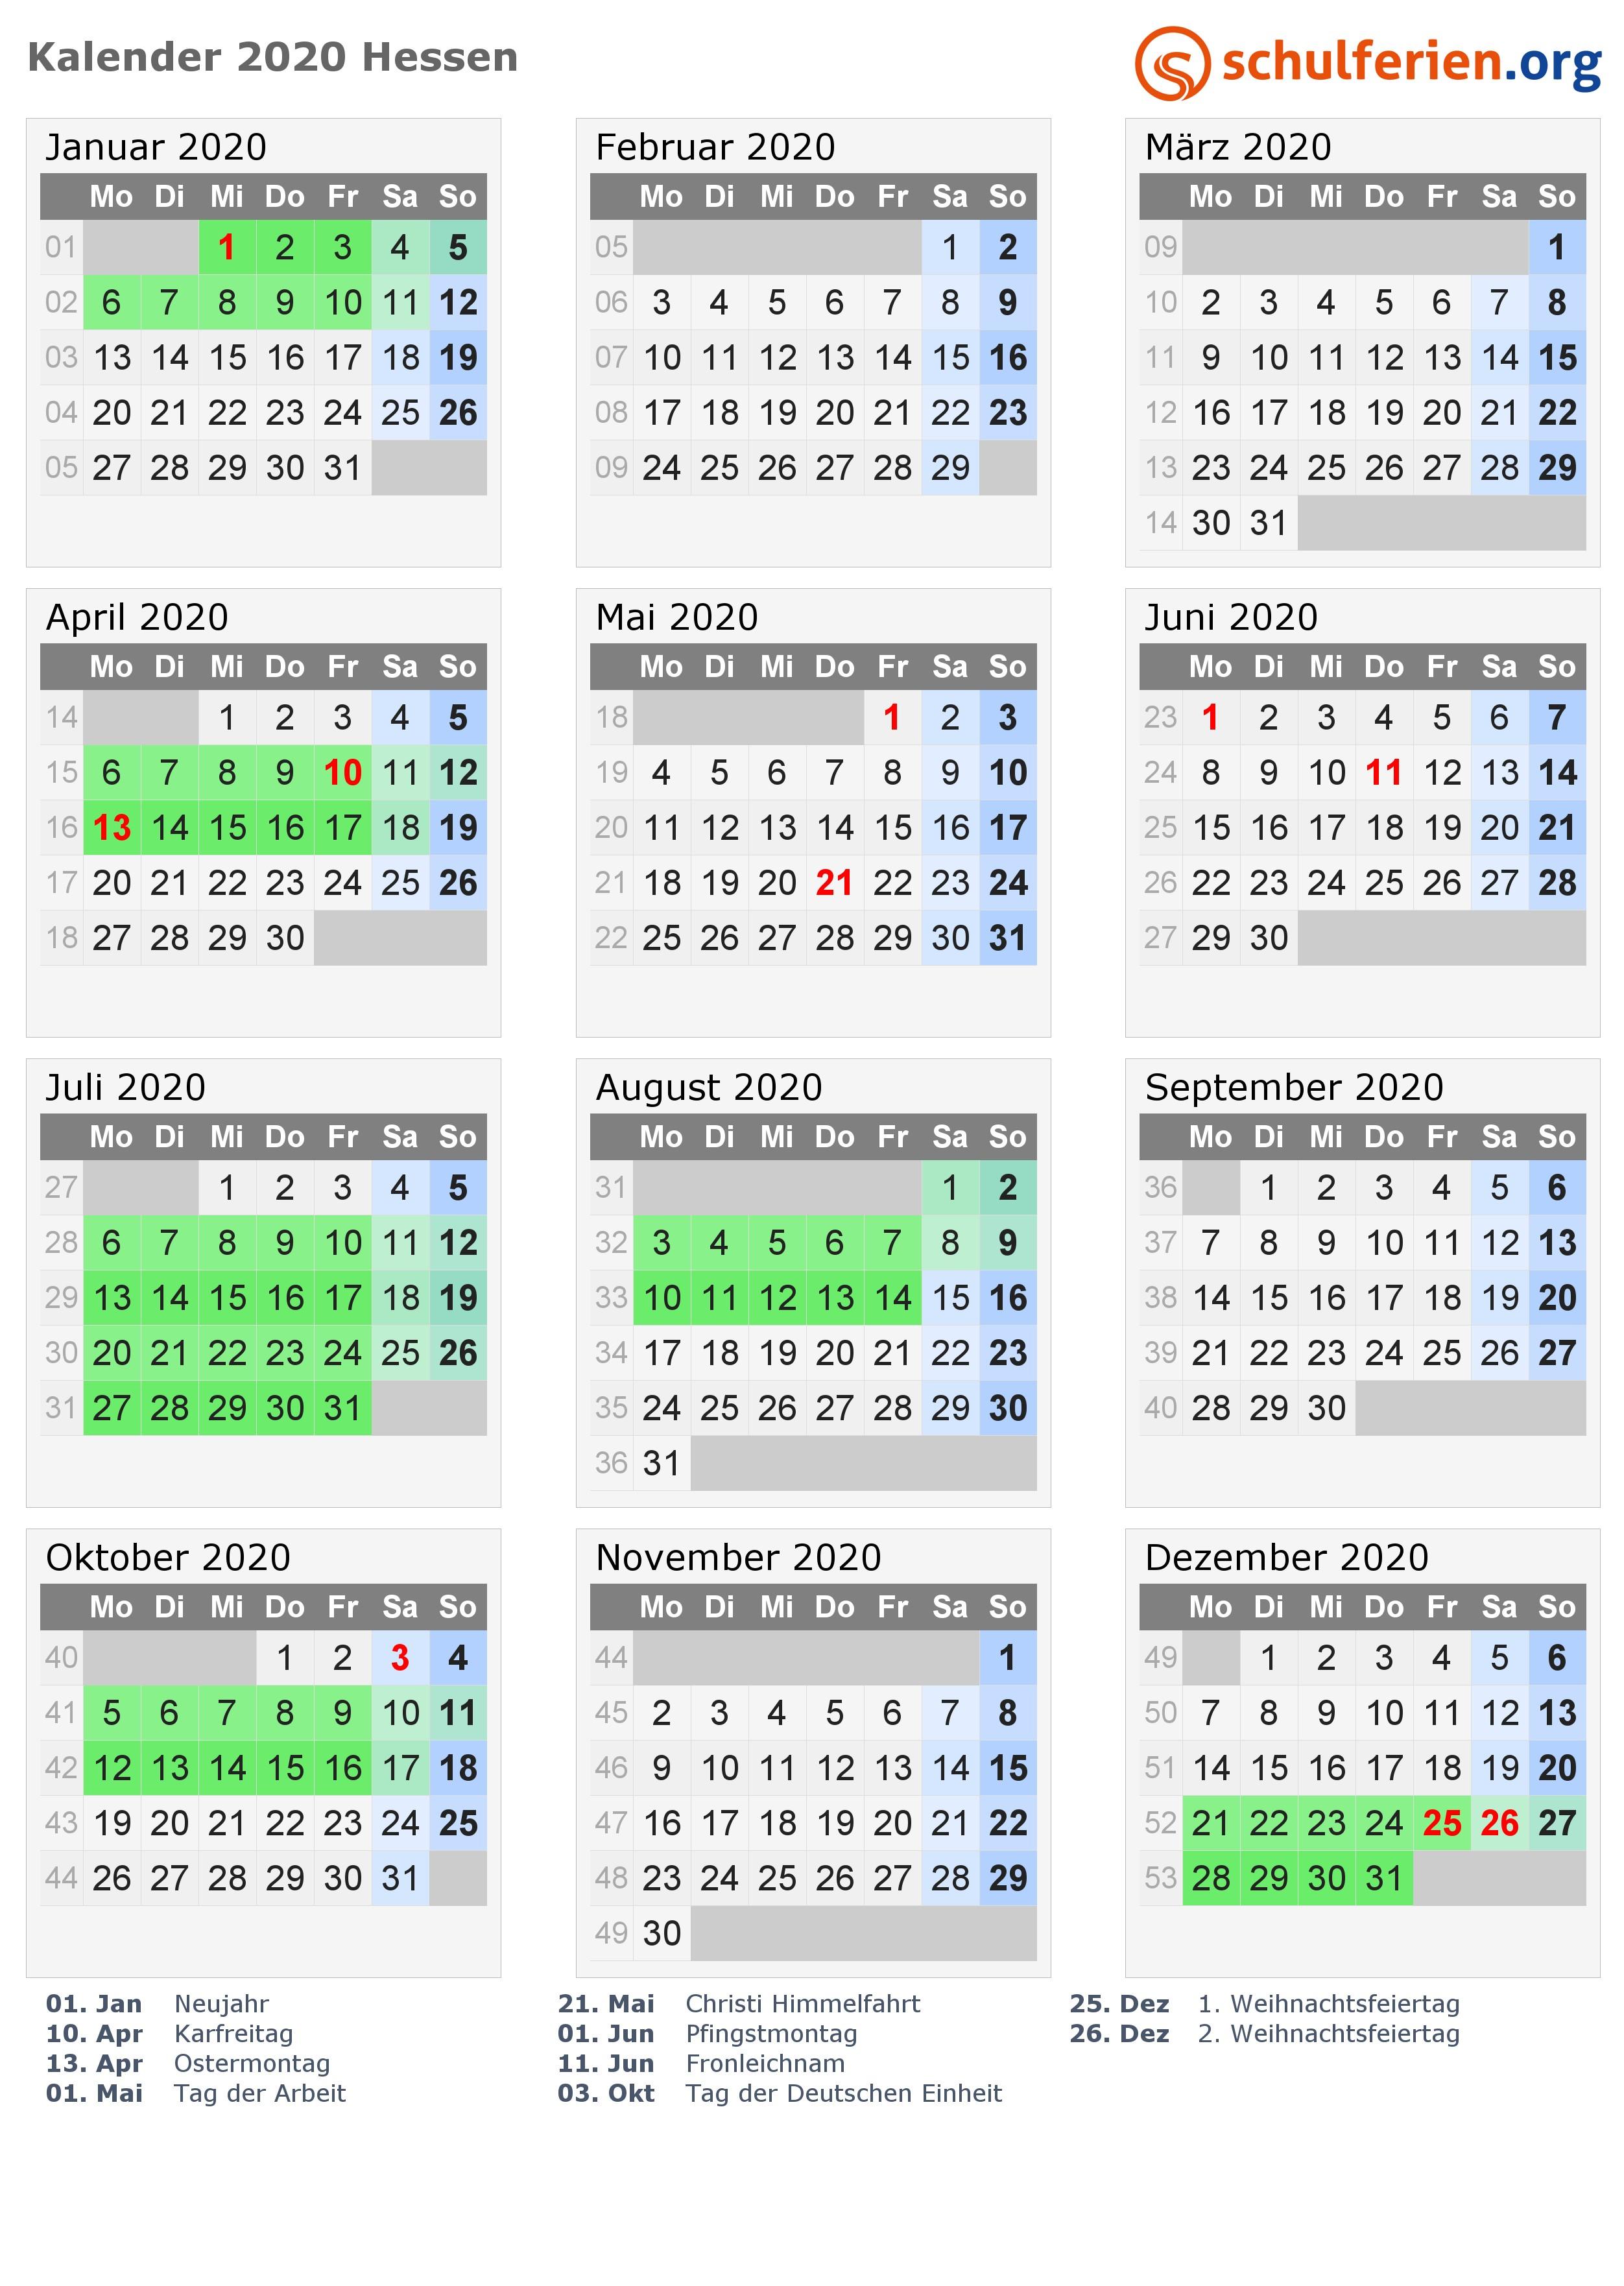 Kalender 2020 mit Ferien und Feiertagen Hessen